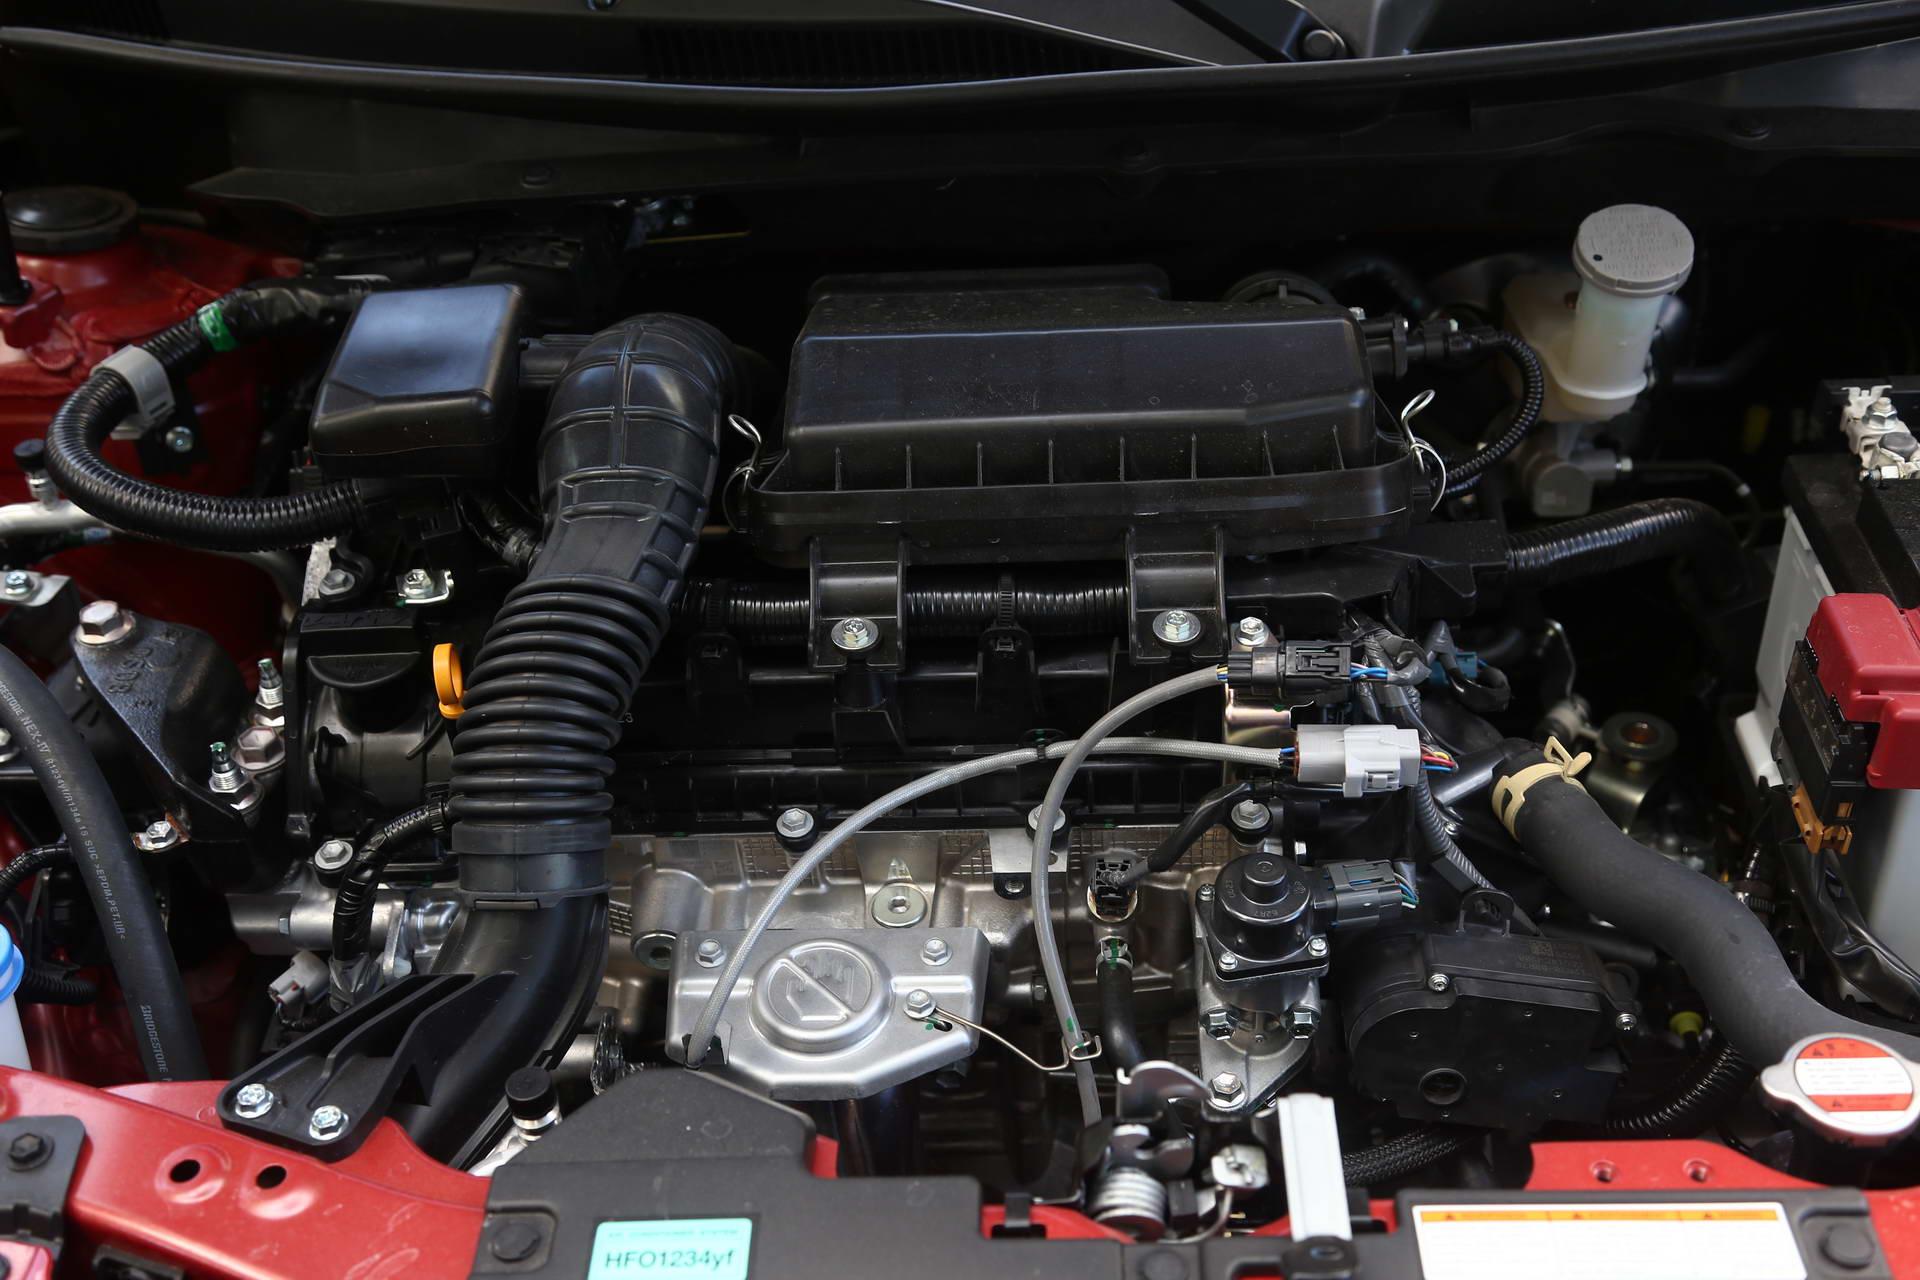 Suzuki Swift Hybrid Facelift Engine